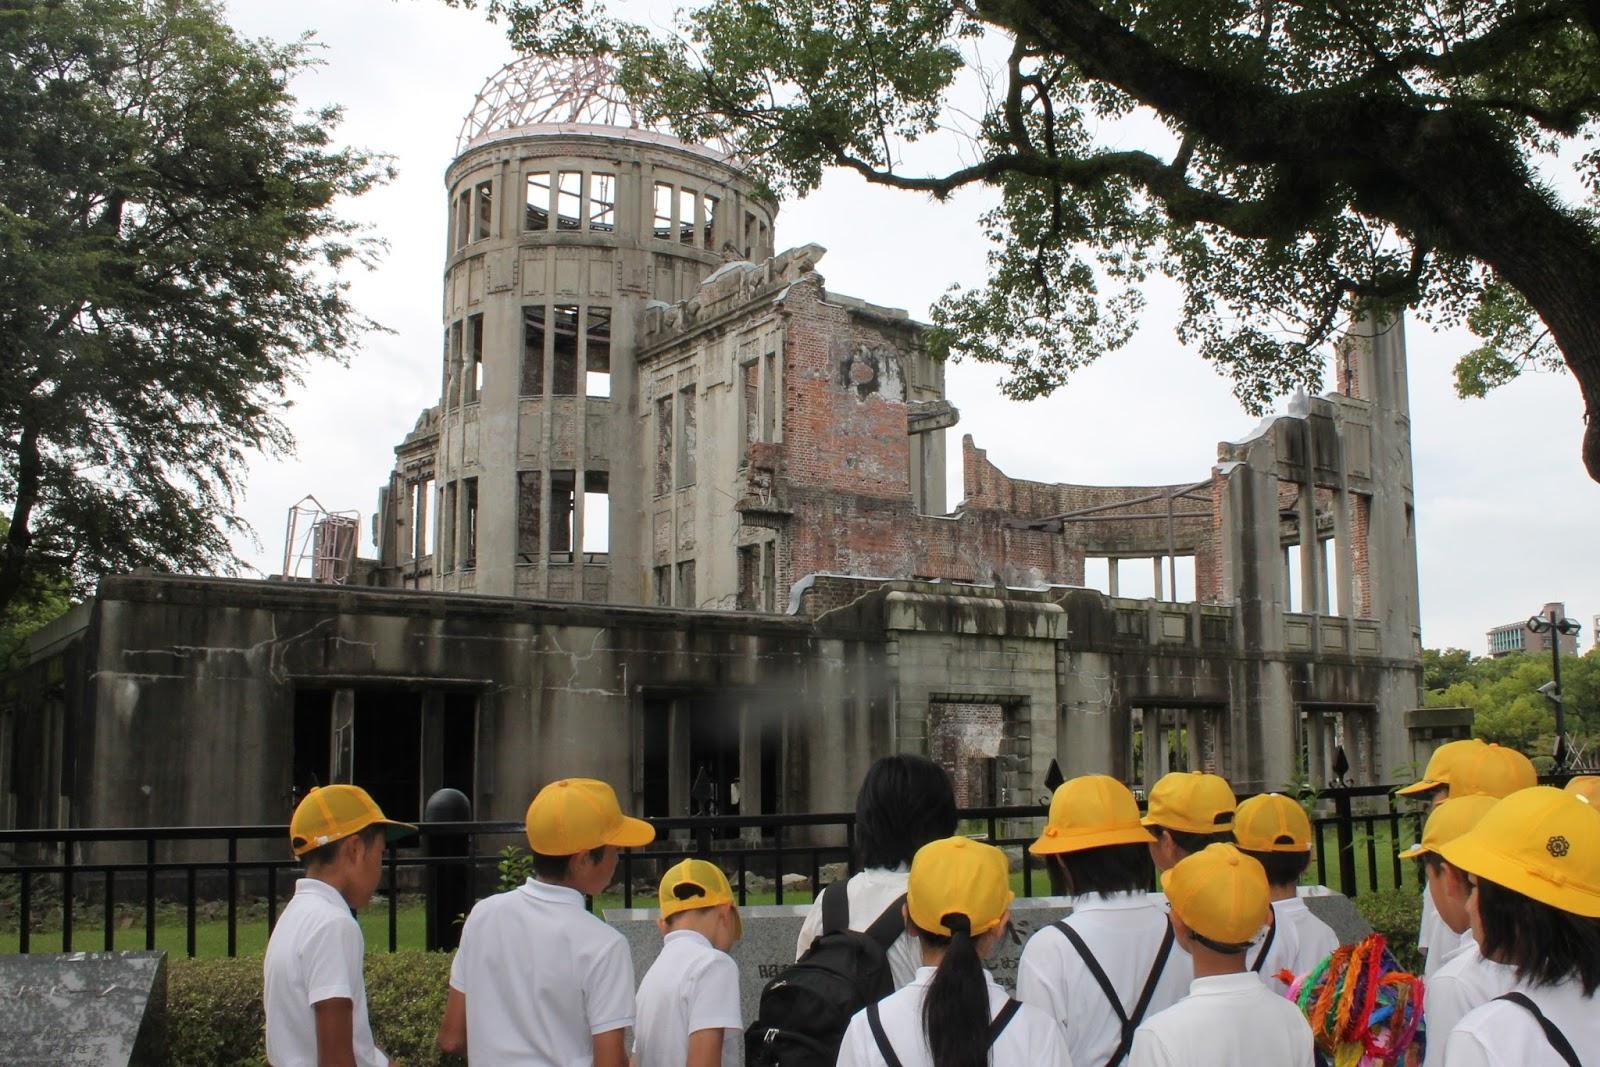 I giapponesi e la questione Hiroshima